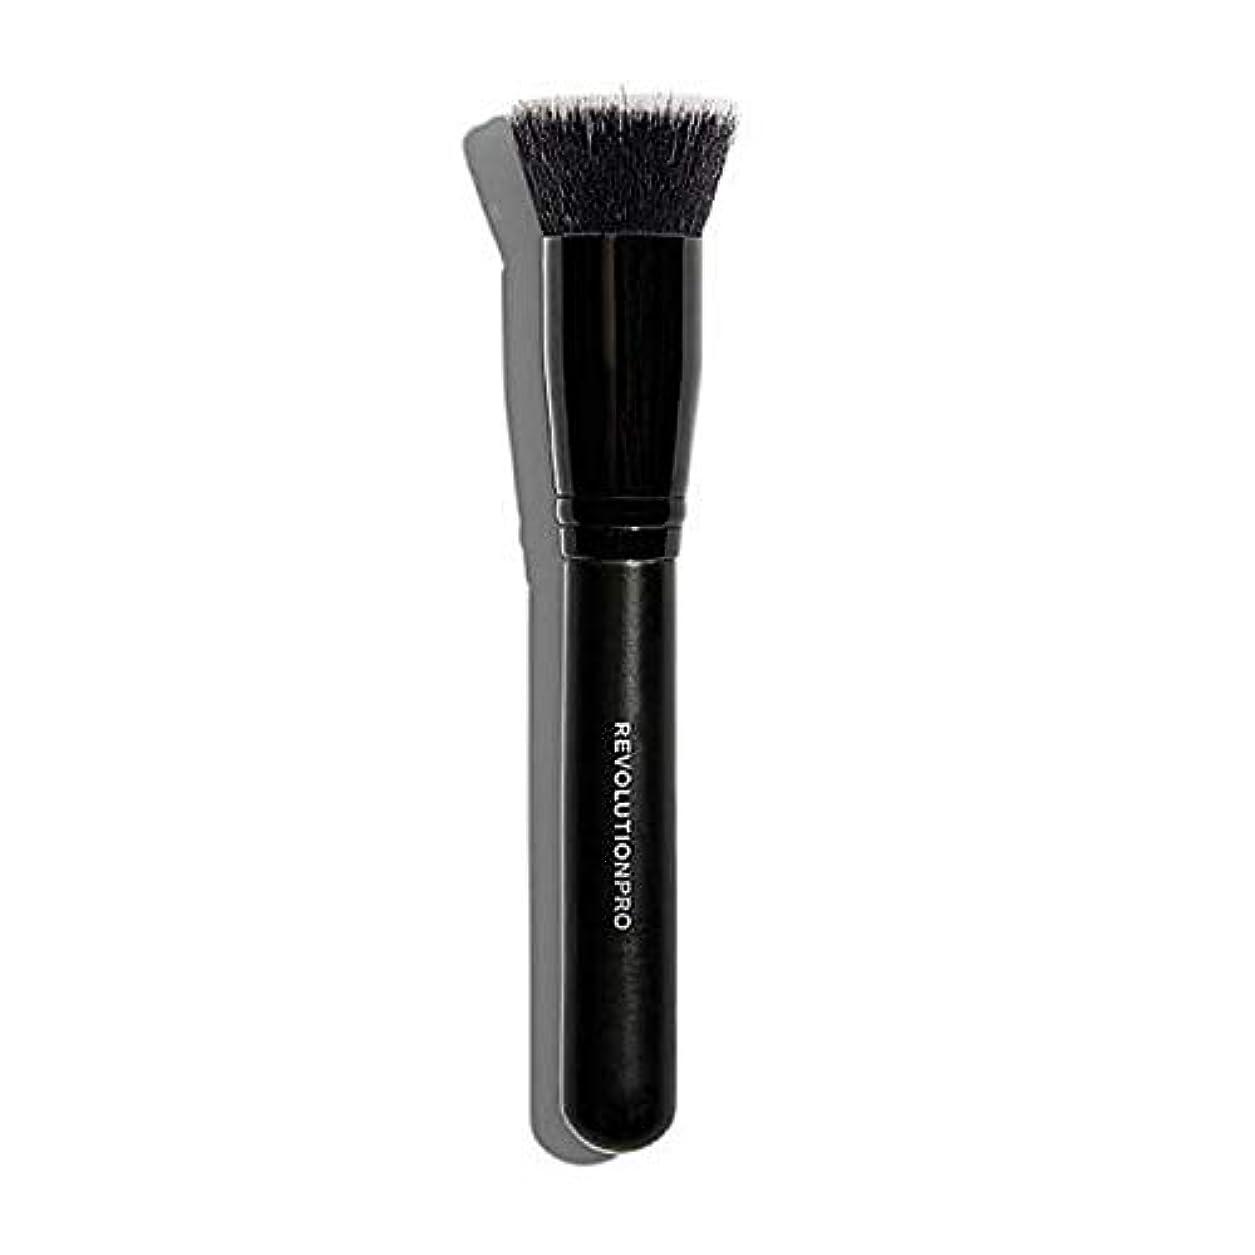 何もないバットサービス[Revolution ] 革命プロの液滴の基礎化粧ブラシ - Revolution Pro Liquid Drop Foundation Makeup Brush [並行輸入品]